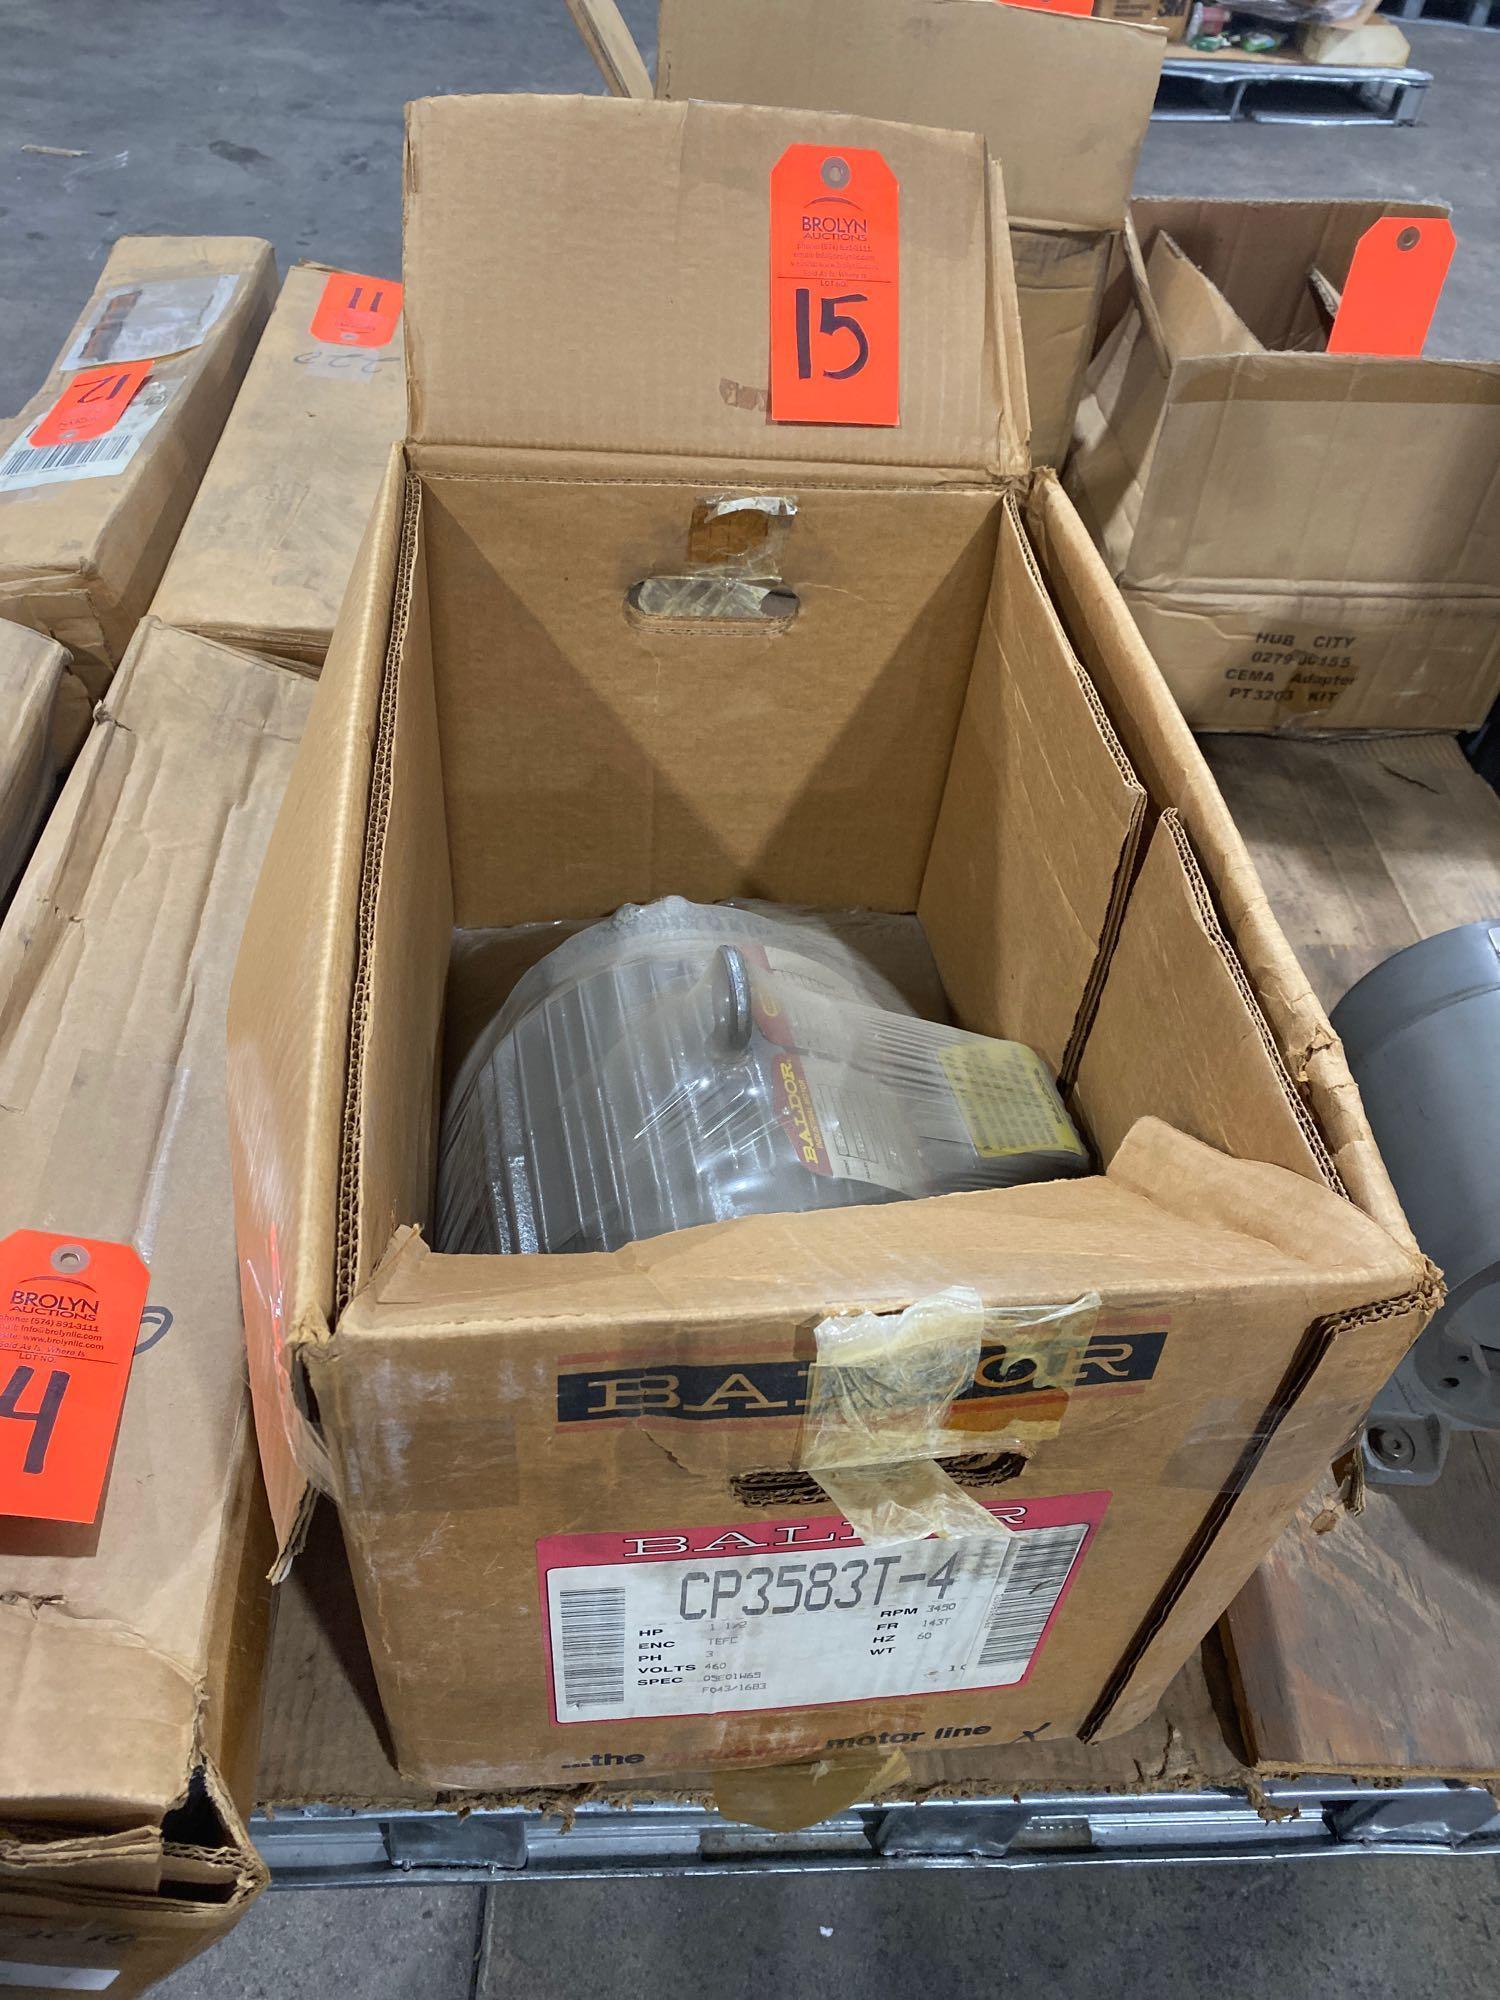 Lot 15 - Baldor motor model CP3583T-4, 3 phase, 1.5hp, 460v motor. New in box.